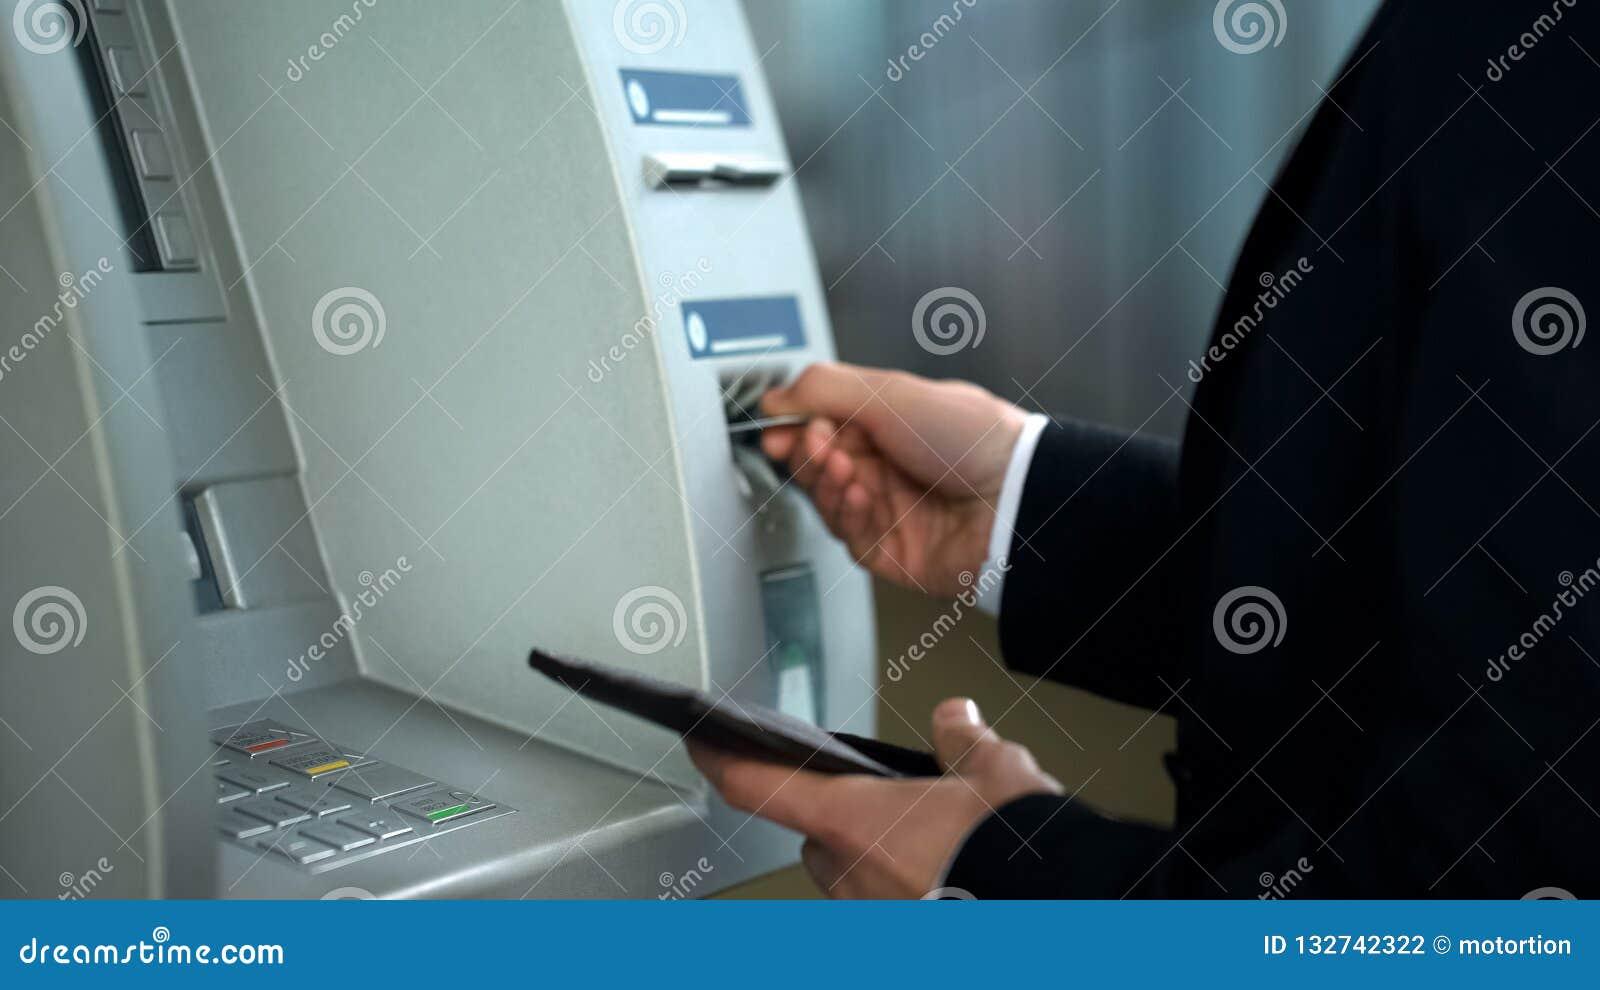 Transação de operação bancária de terminação do homem de negócios, removendo o cartão do ATM, operação bancária